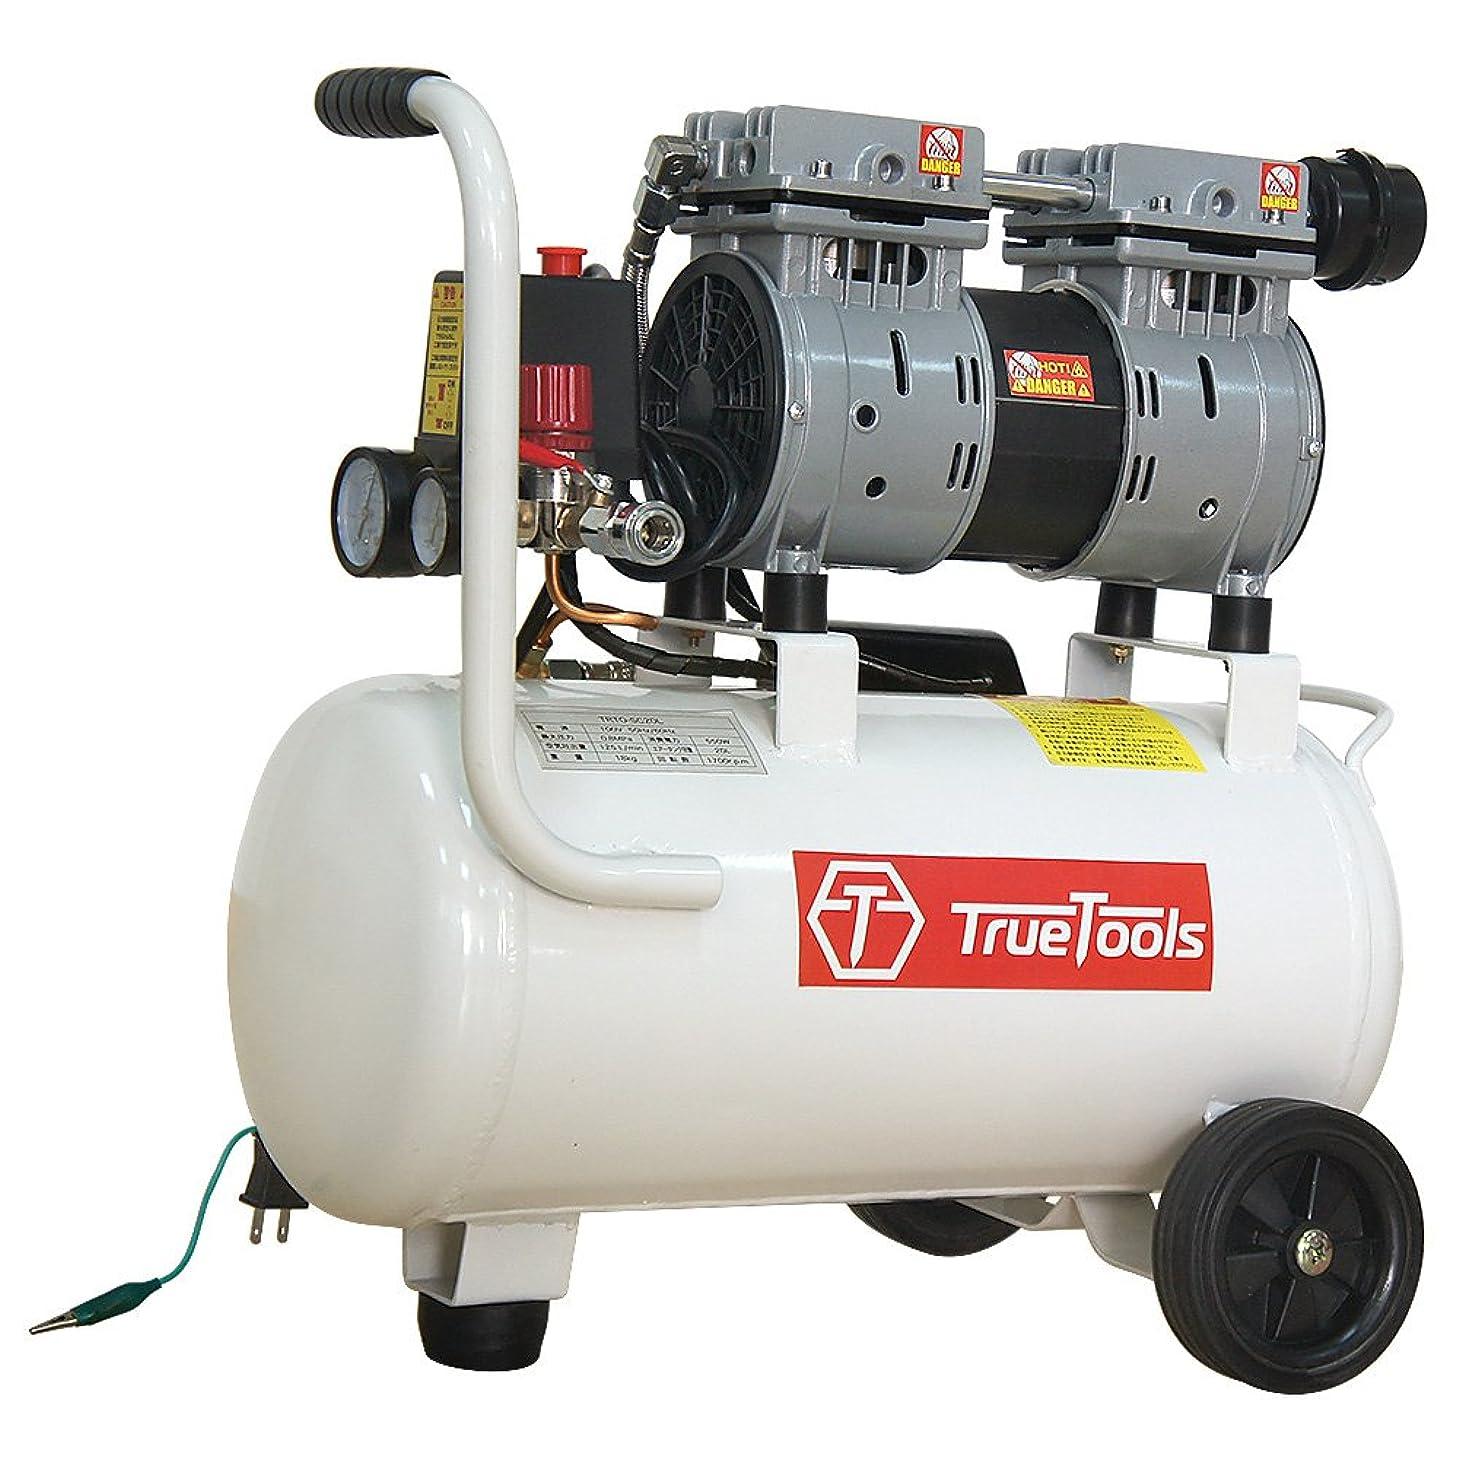 グリーンランドかみそり幾何学TrueTools 静音 オイルレス エアーコンプレッサー 20L TRTO-SC20L